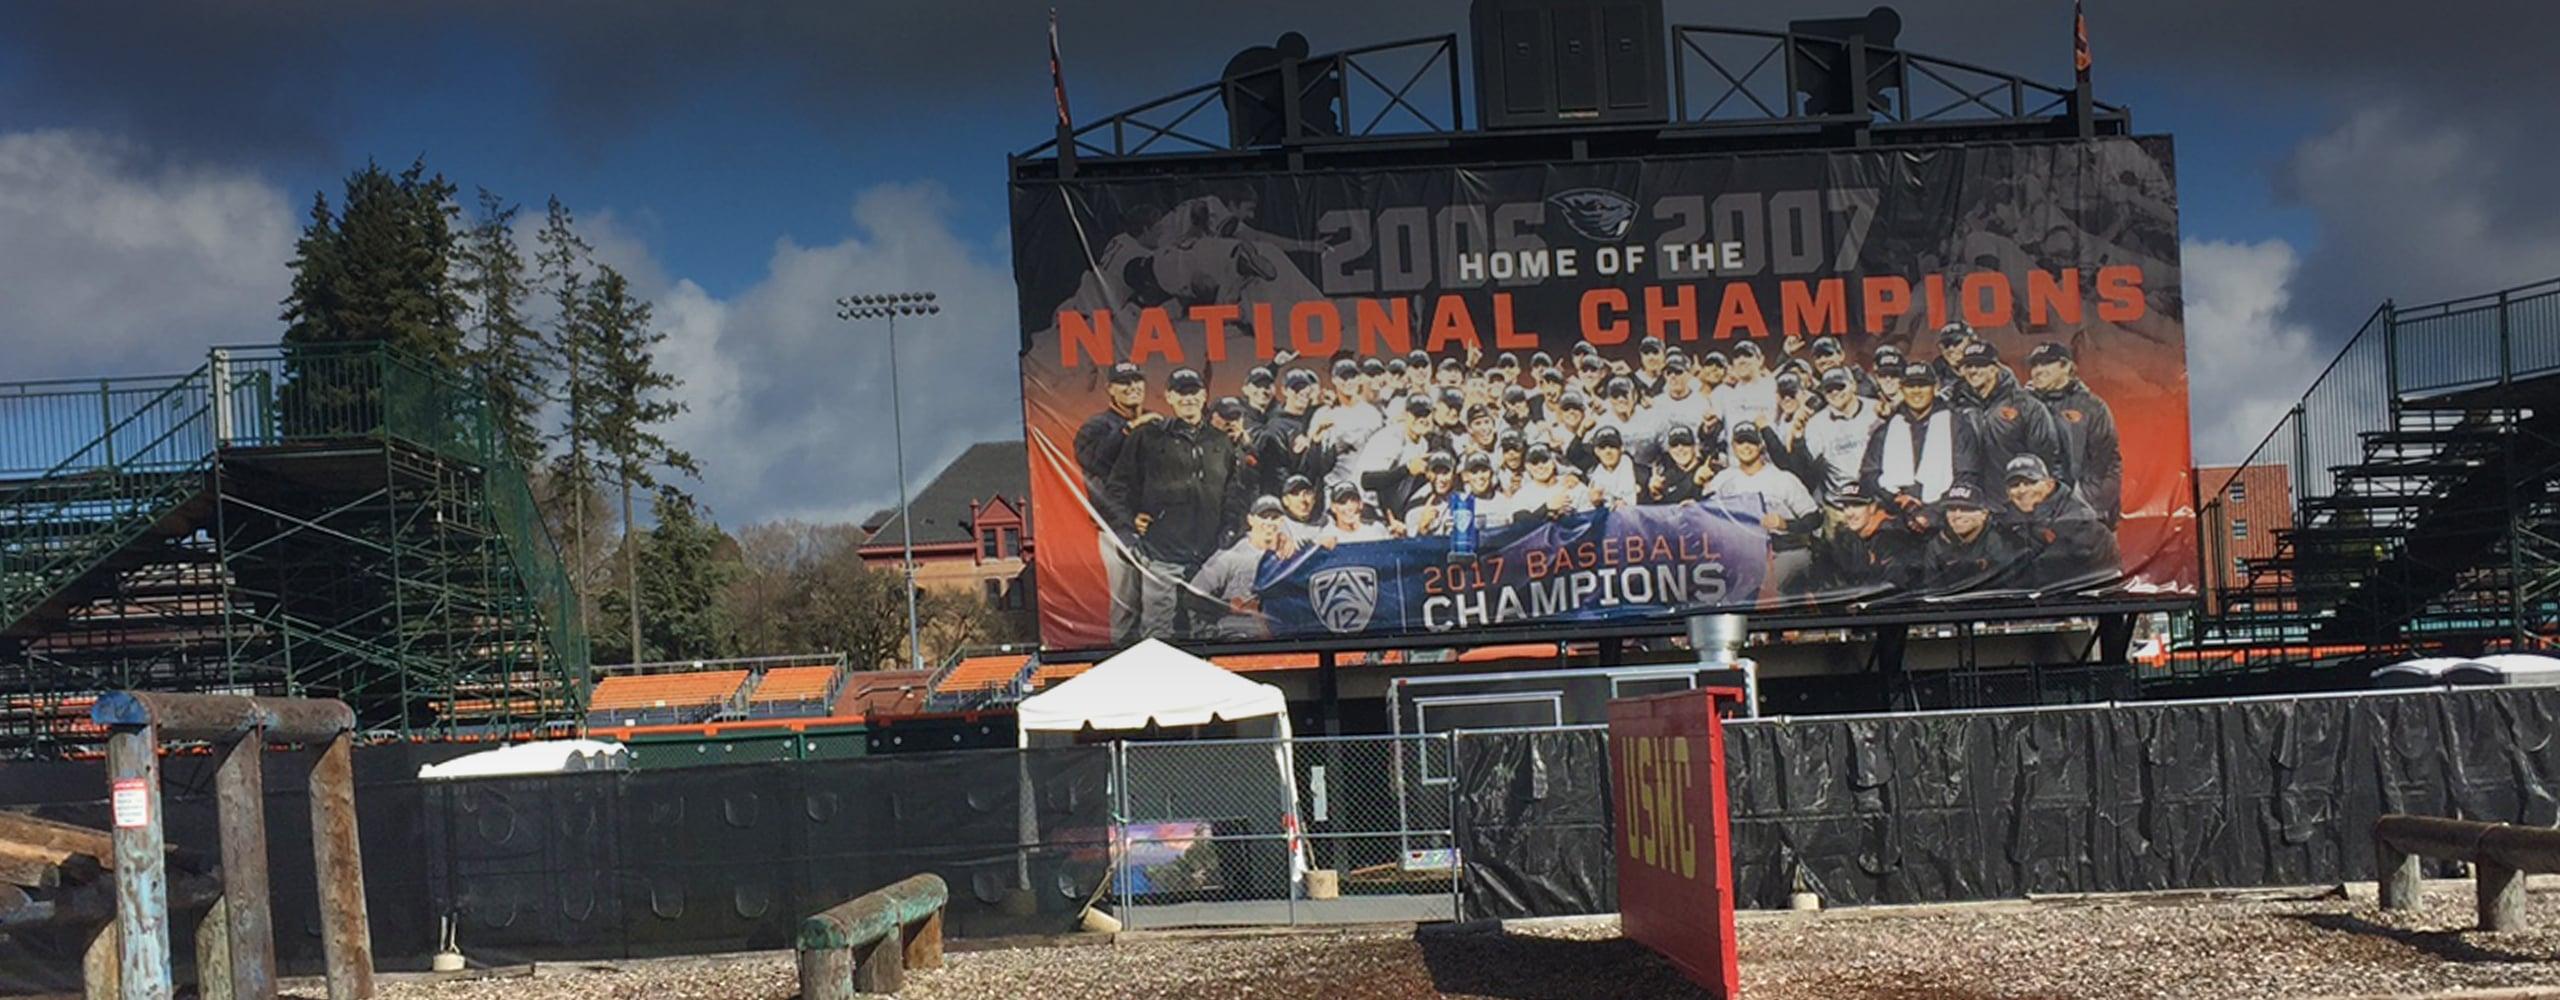 Banner for Oregon State University Goss Stadium Branded Environment